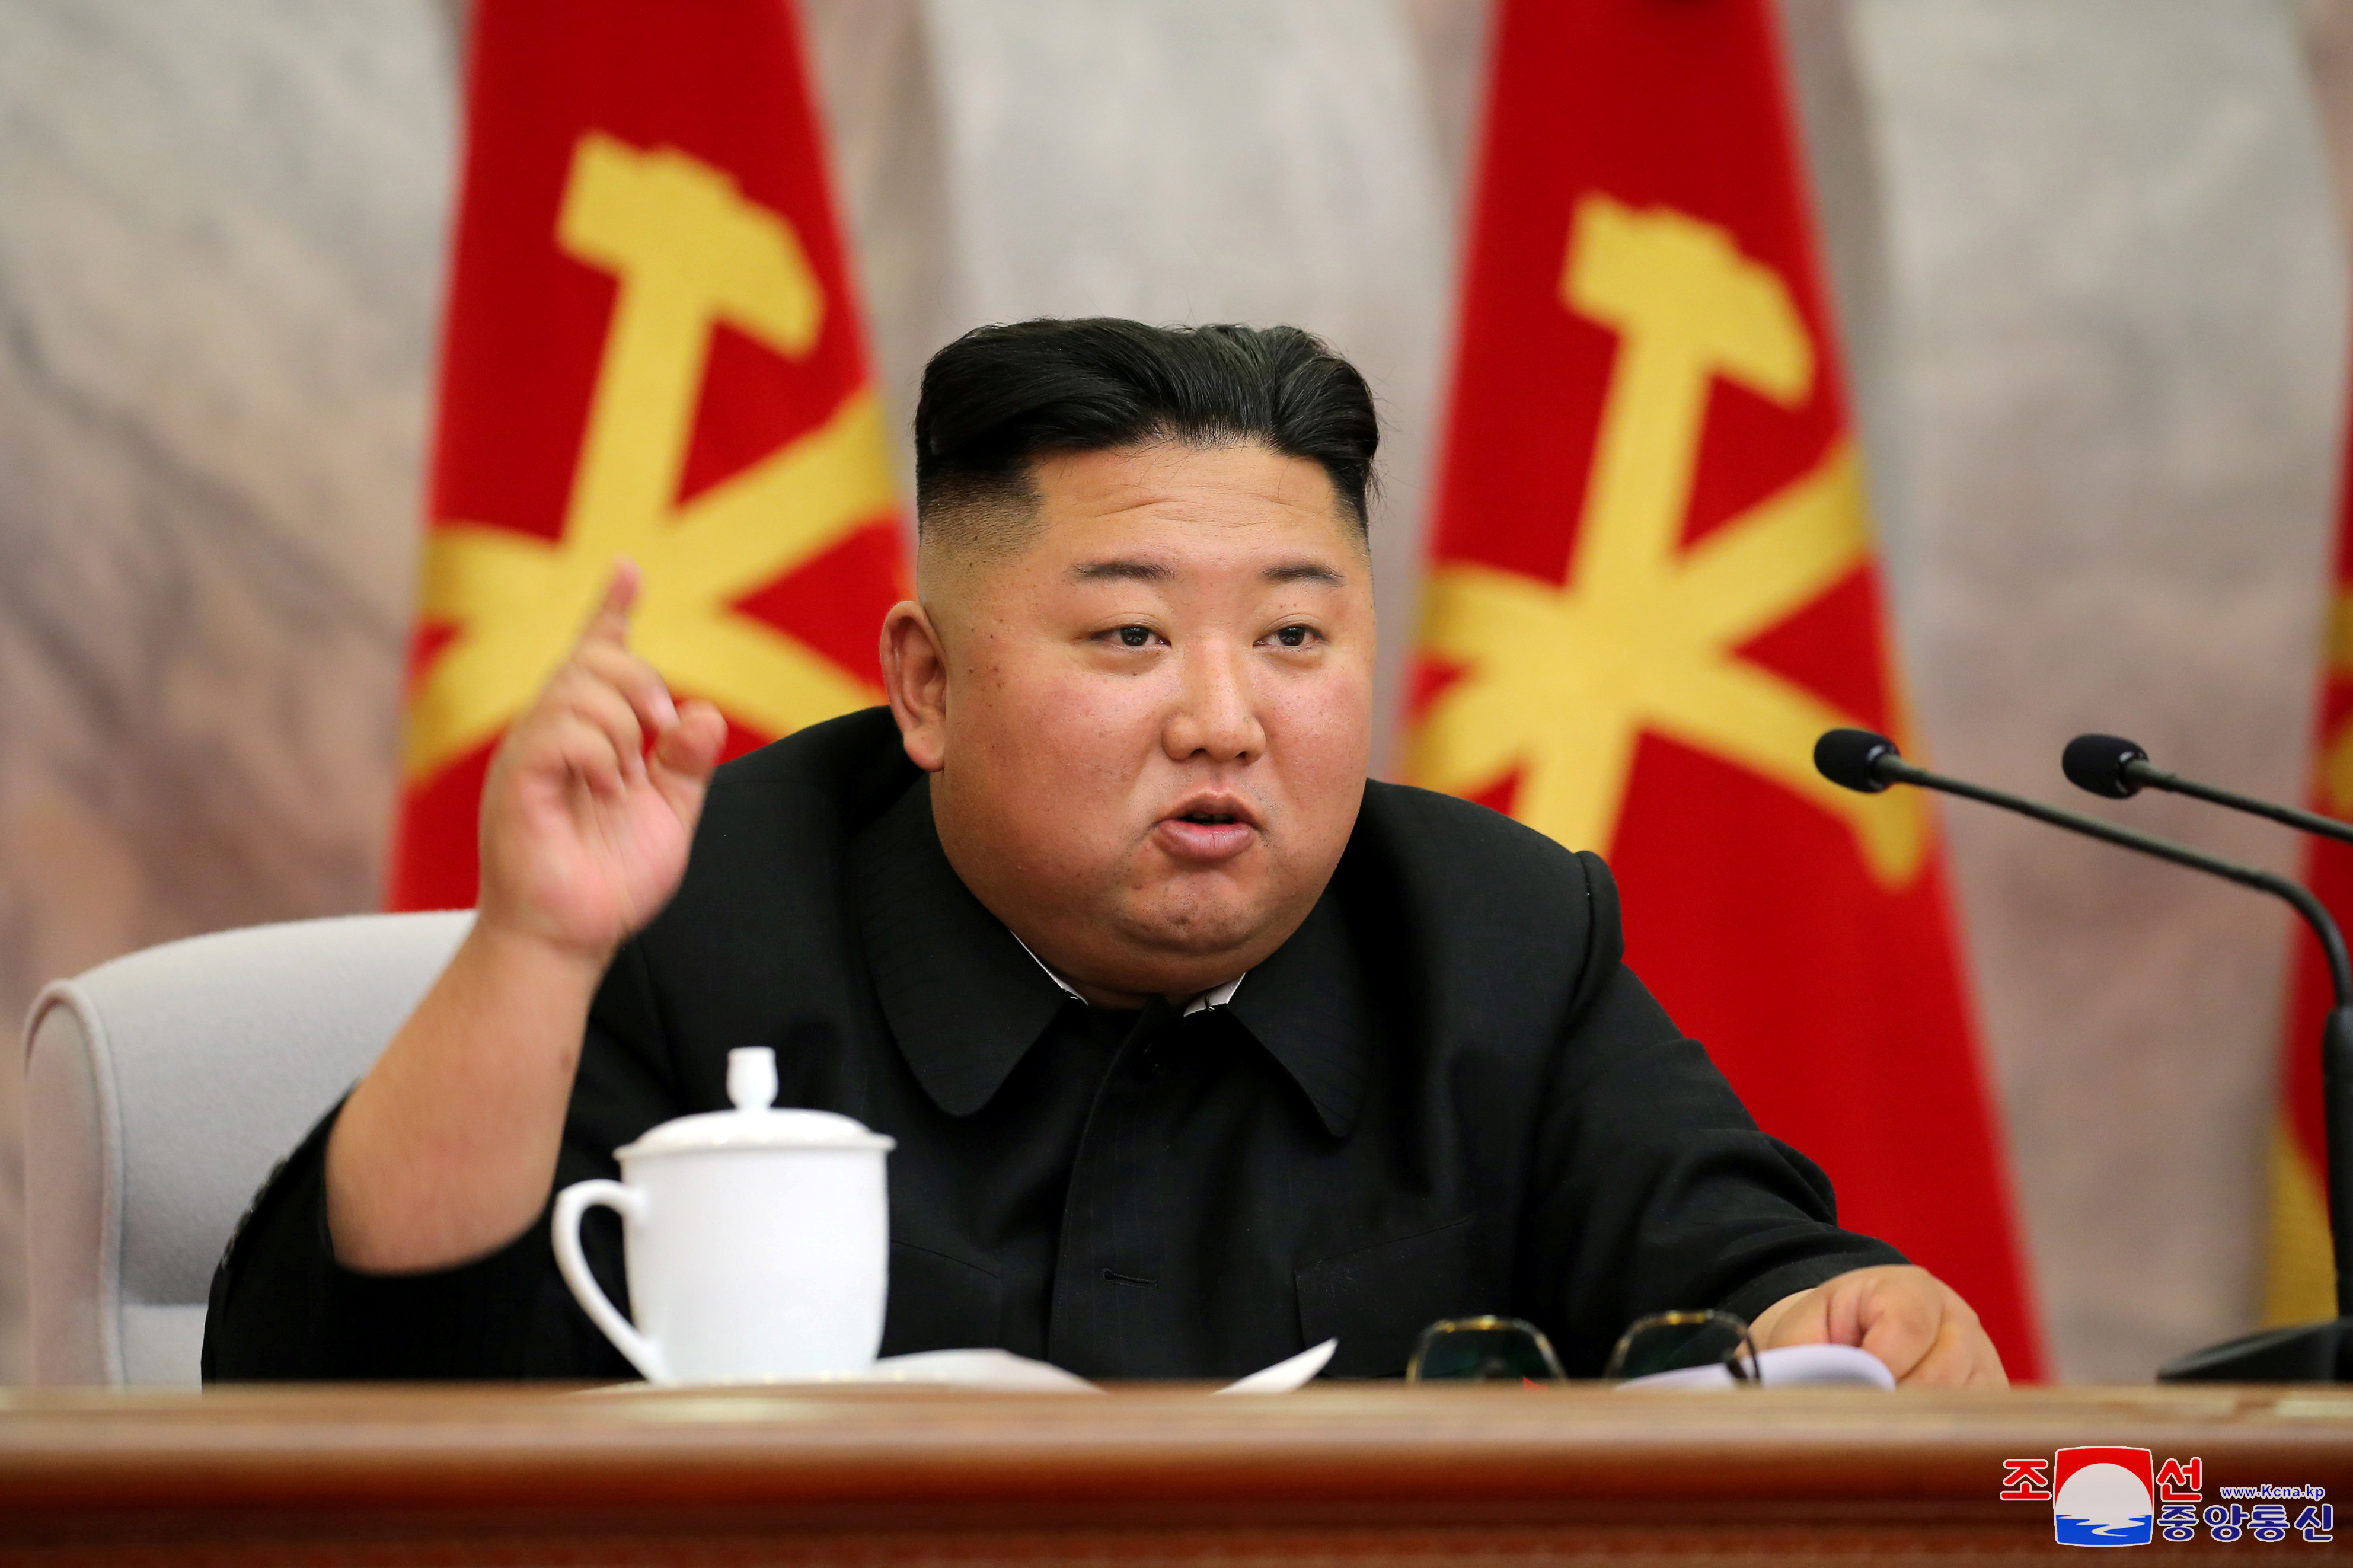 ▲北韓領導人金正恩最消失一個禮拜後終於再次於大眾面前曝光。(圖/路透)